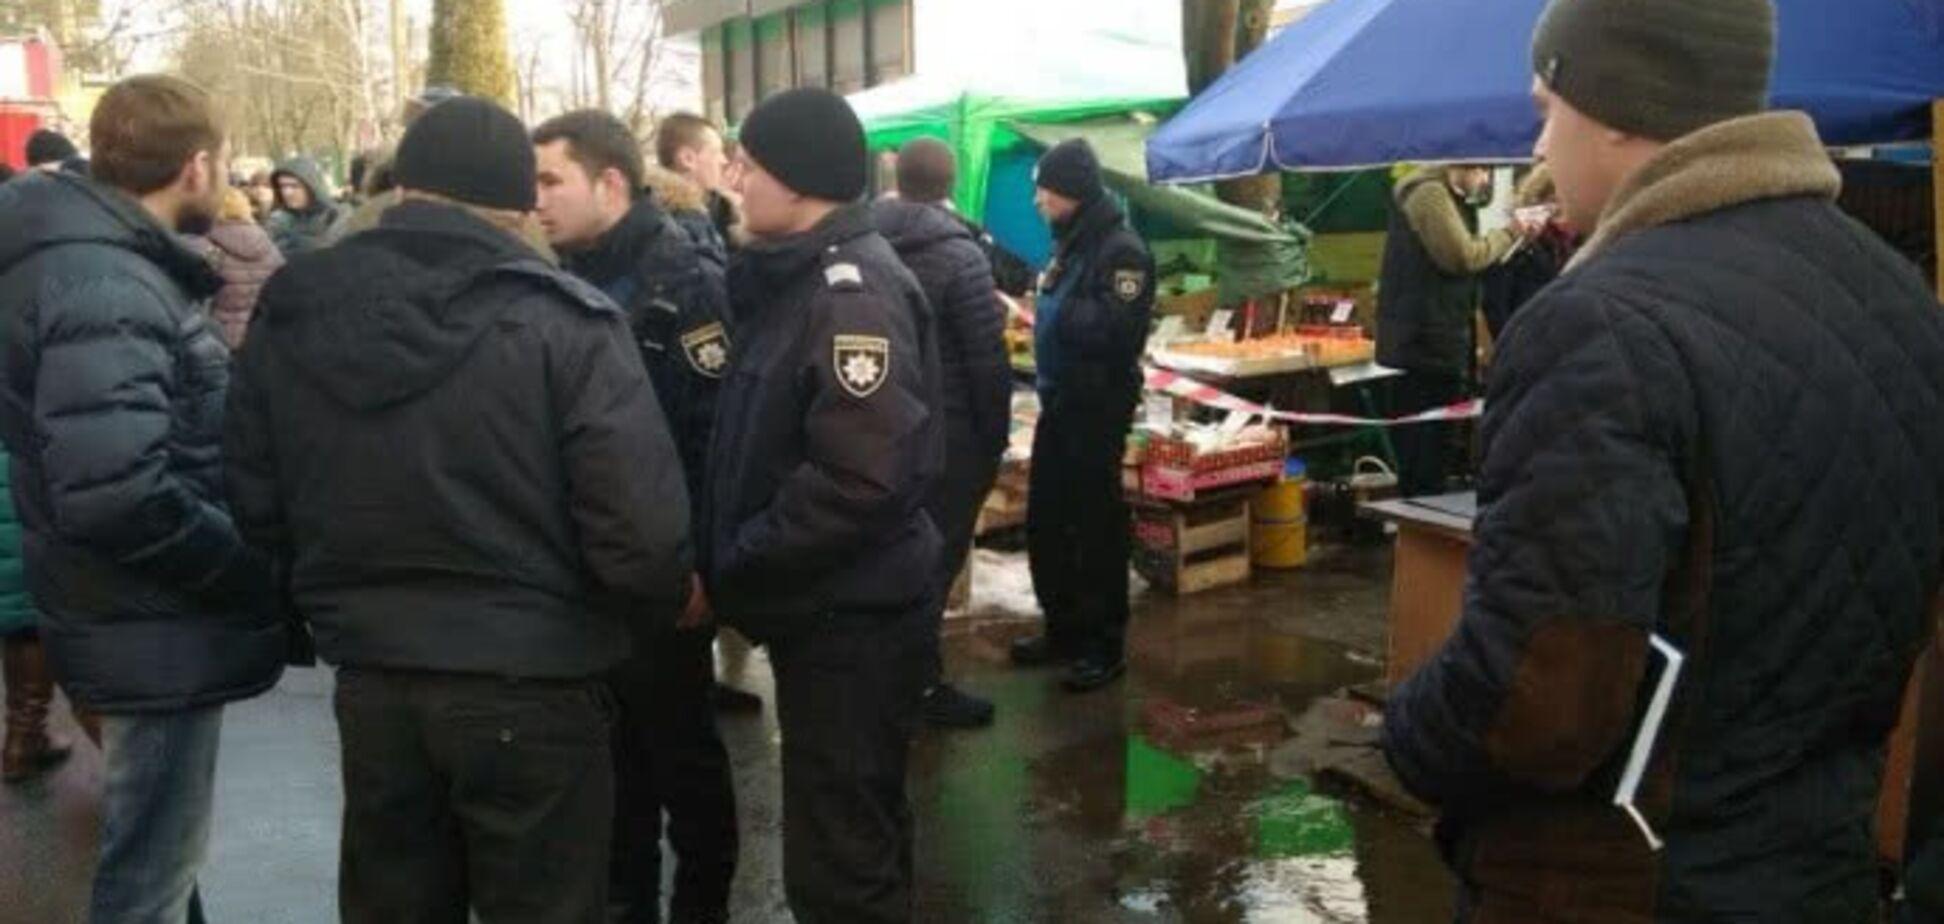 Смертельная стрельба в Киеве: в прокуратуре сообщили о судьбе двух подозреваемых